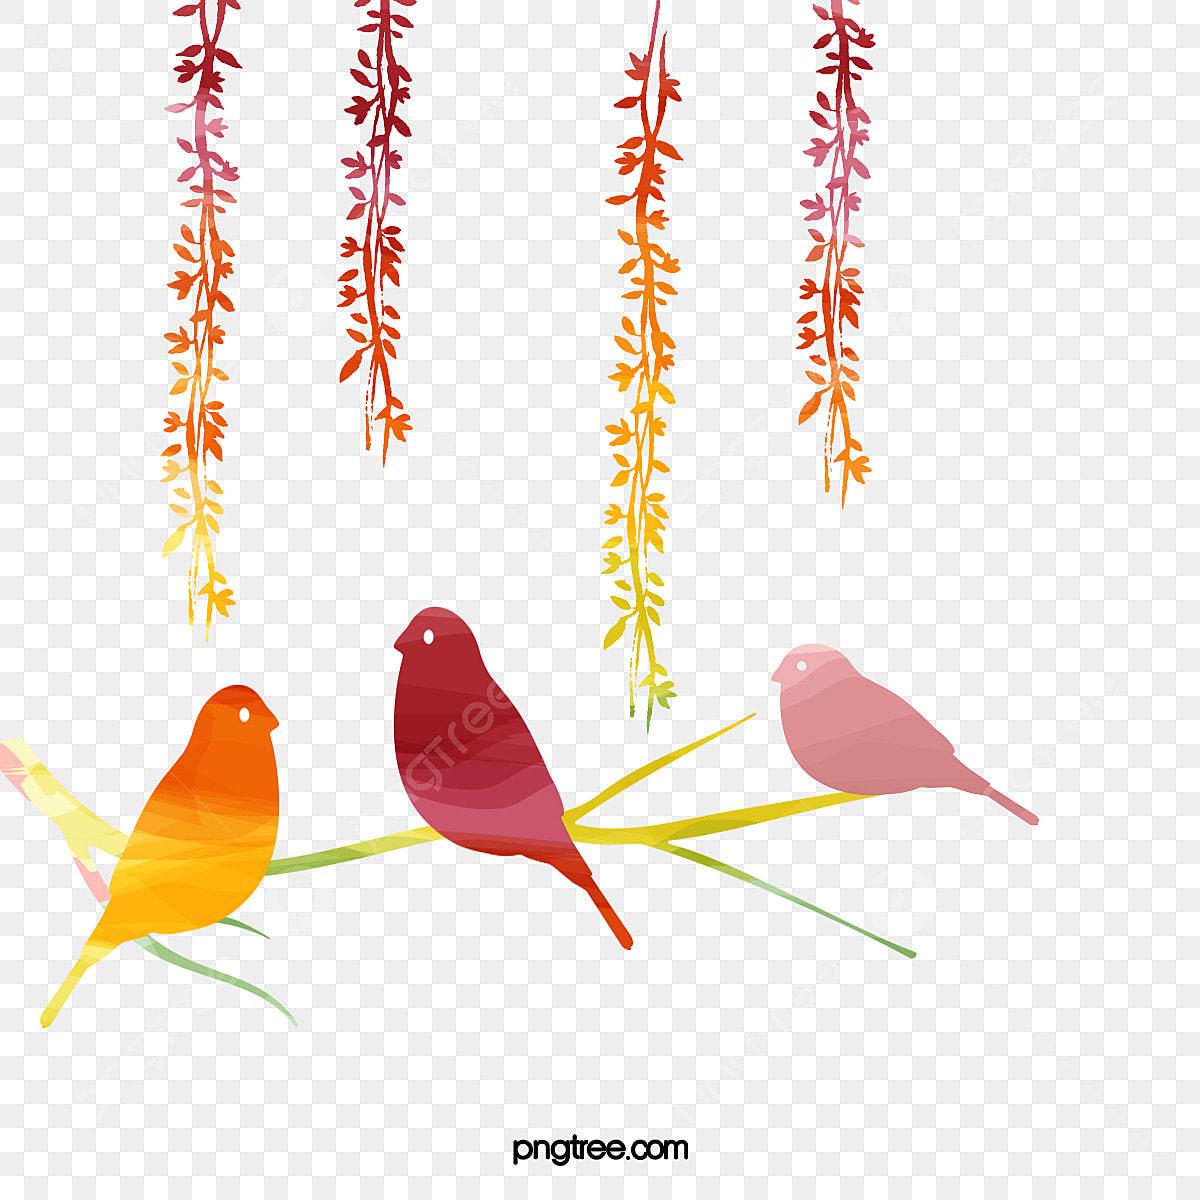 無料ダウンロードのための小鳥 手描き鳥 水彩鳥 枝png画像素材